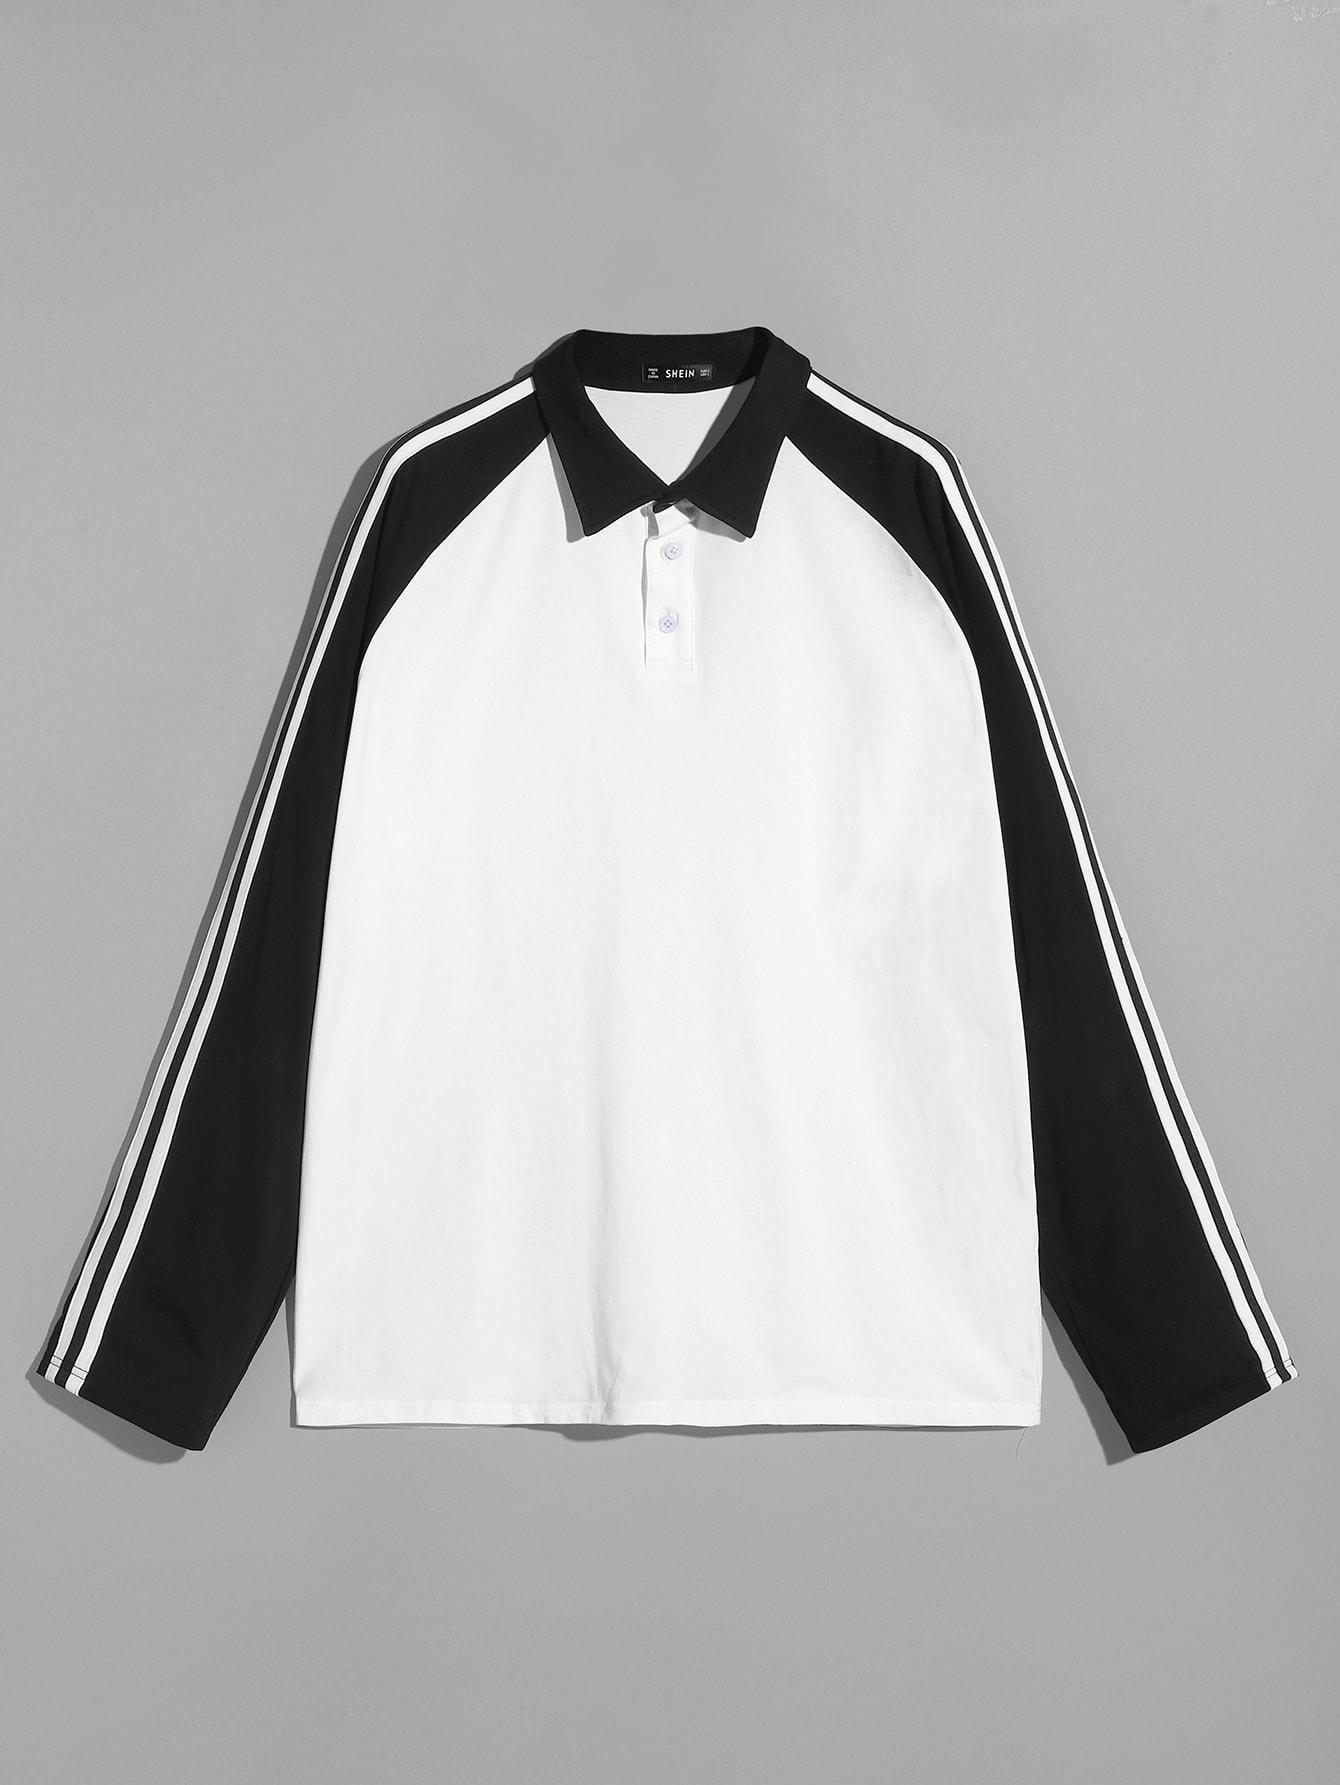 Купить Чёрнобелые Стиль кэжуал Мужские футболки, null, SheIn